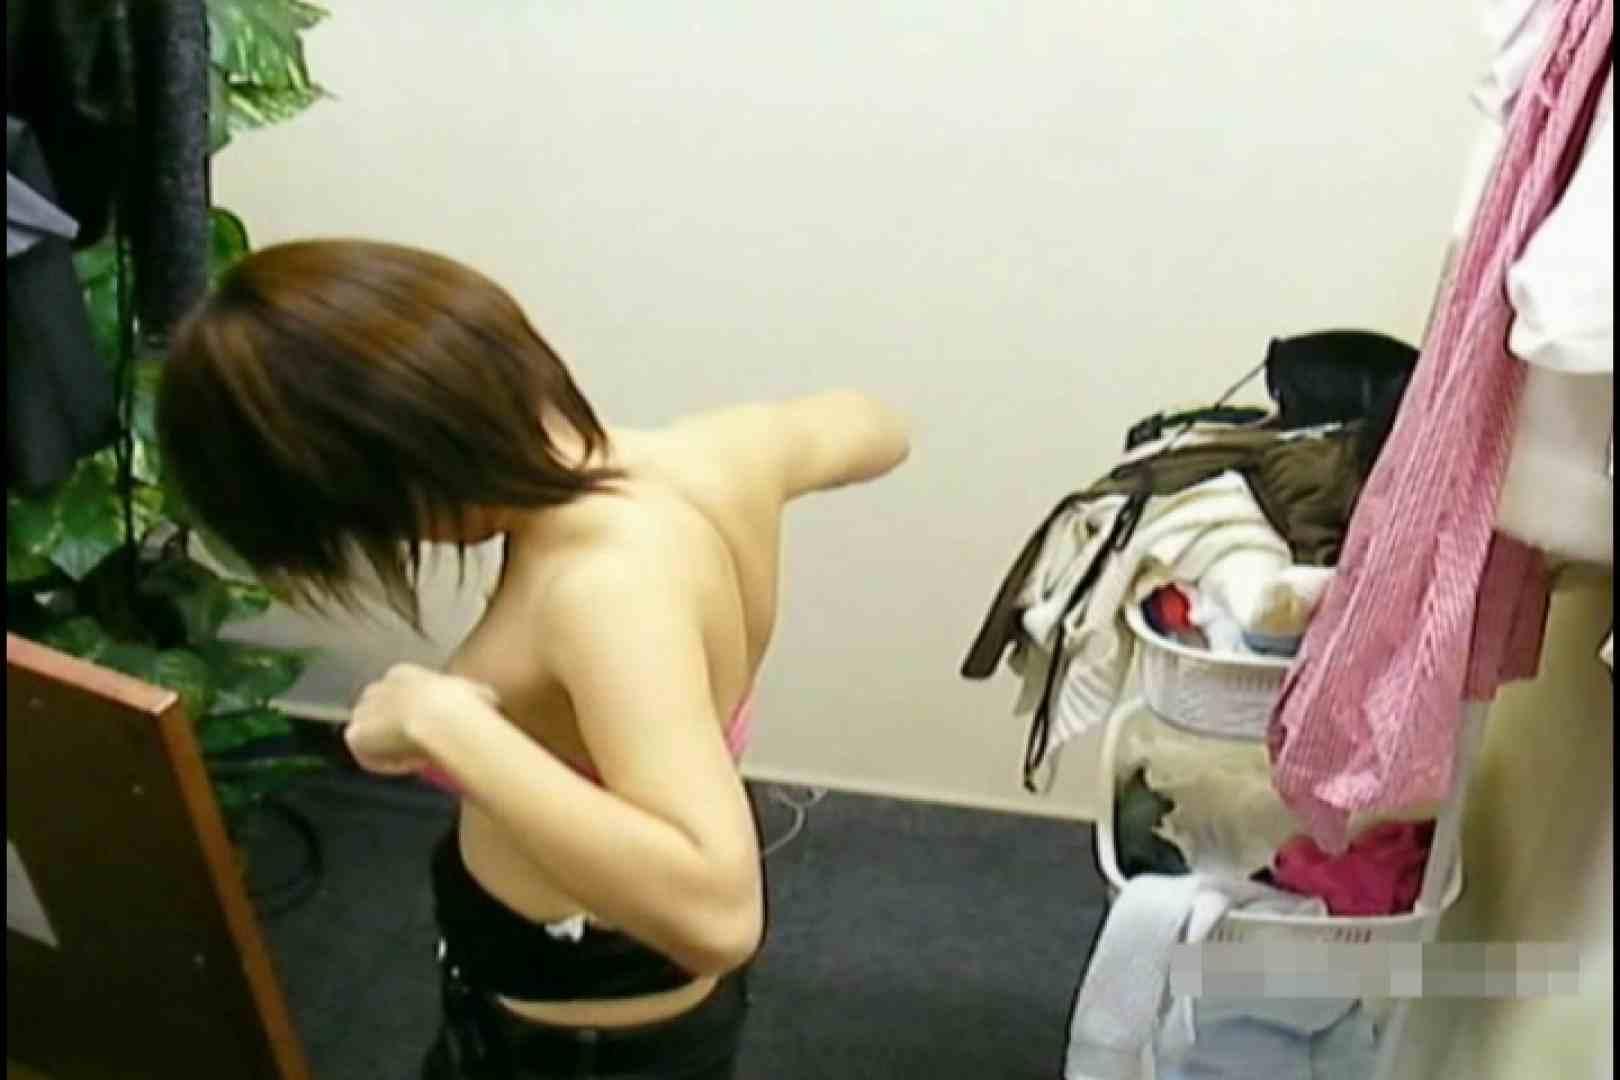 素人撮影 下着だけの撮影のはずが・・・れみ18歳 アイドル 盗撮画像 111pic 8